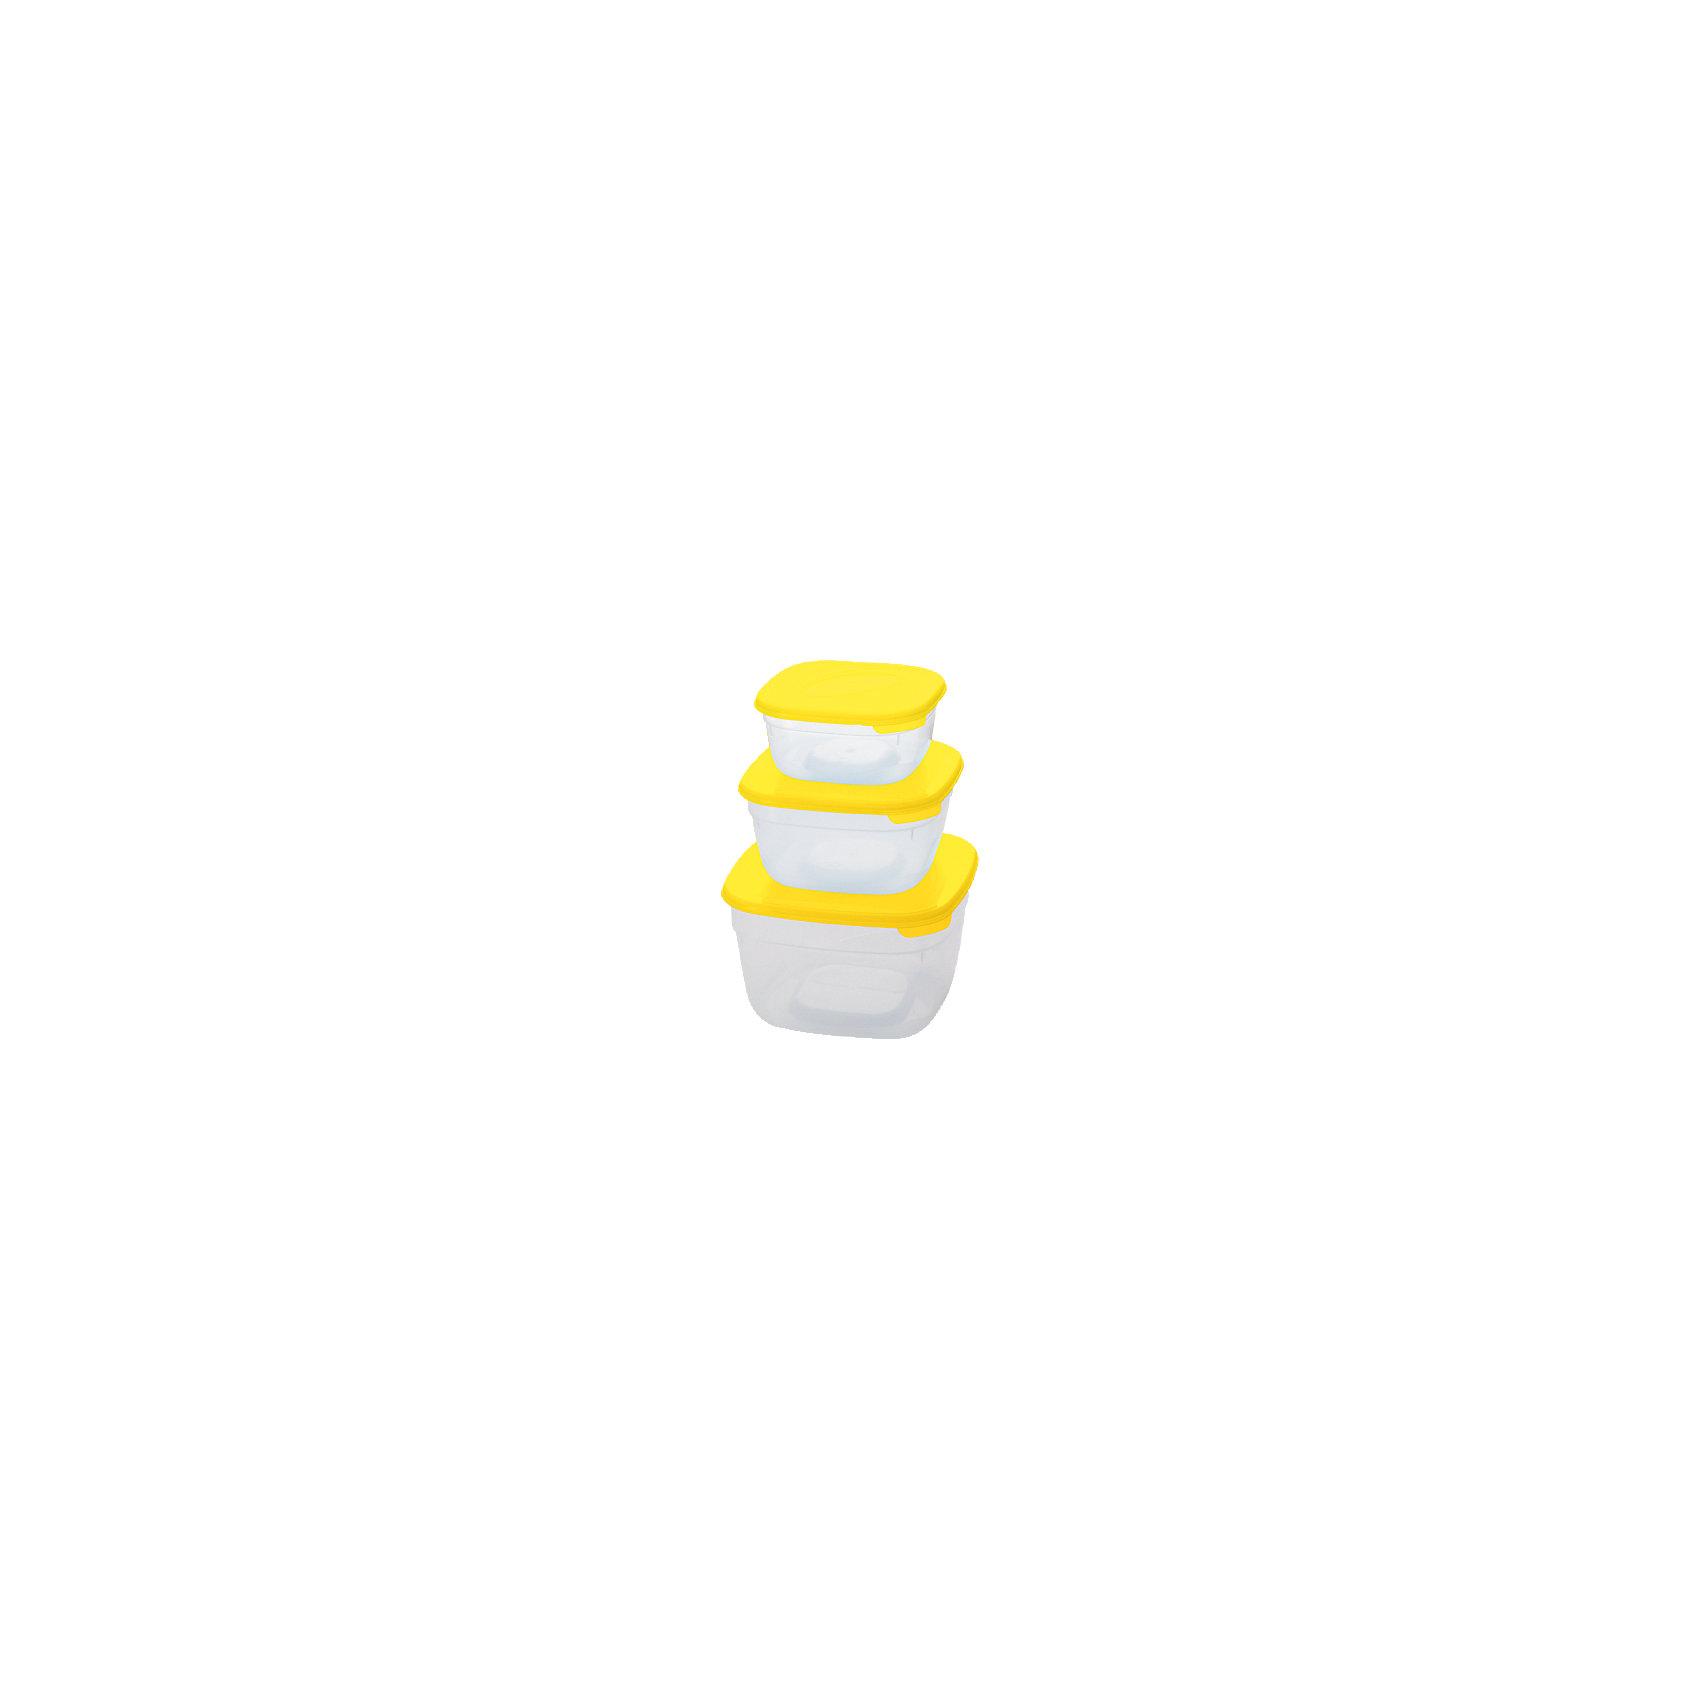 Комплект емкостей для СВЧ Galaxy квадратных 1+2+3л, Plastic CentreБутылки для воды и бутербродницы<br>Комплект емкостей для СВЧ Galaxy квадратных 1+2+3л, PlasticCentre<br><br>Характеристики:<br><br>• Материал: пластик<br>• Цвет: желтый<br>• В комплекте: 3 емкости<br>• Объем: 1, 2 и 3 литра<br><br>Эти удобные квадратные емкости можно использовать как для хранения еды в холодильнике, так и для ее разогрева в микроволновой печи. Удобный эргономичный дизайн обеспечивает практичность хранения и возможность не занимать много места - емкости легко ставятся друг на друга. Изделия выполнены их высококачественного пластика и безопасны для пищевых продуктов.<br><br>Комплект емкостей для СВЧ Galaxy квадратных 1+2+3л, PlasticCentre можно купить в нашем интернет-магазине.<br><br>Ширина мм: 186<br>Глубина мм: 186<br>Высота мм: 120<br>Вес г: 290<br>Возраст от месяцев: 216<br>Возраст до месяцев: 1188<br>Пол: Унисекс<br>Возраст: Детский<br>SKU: 5545701